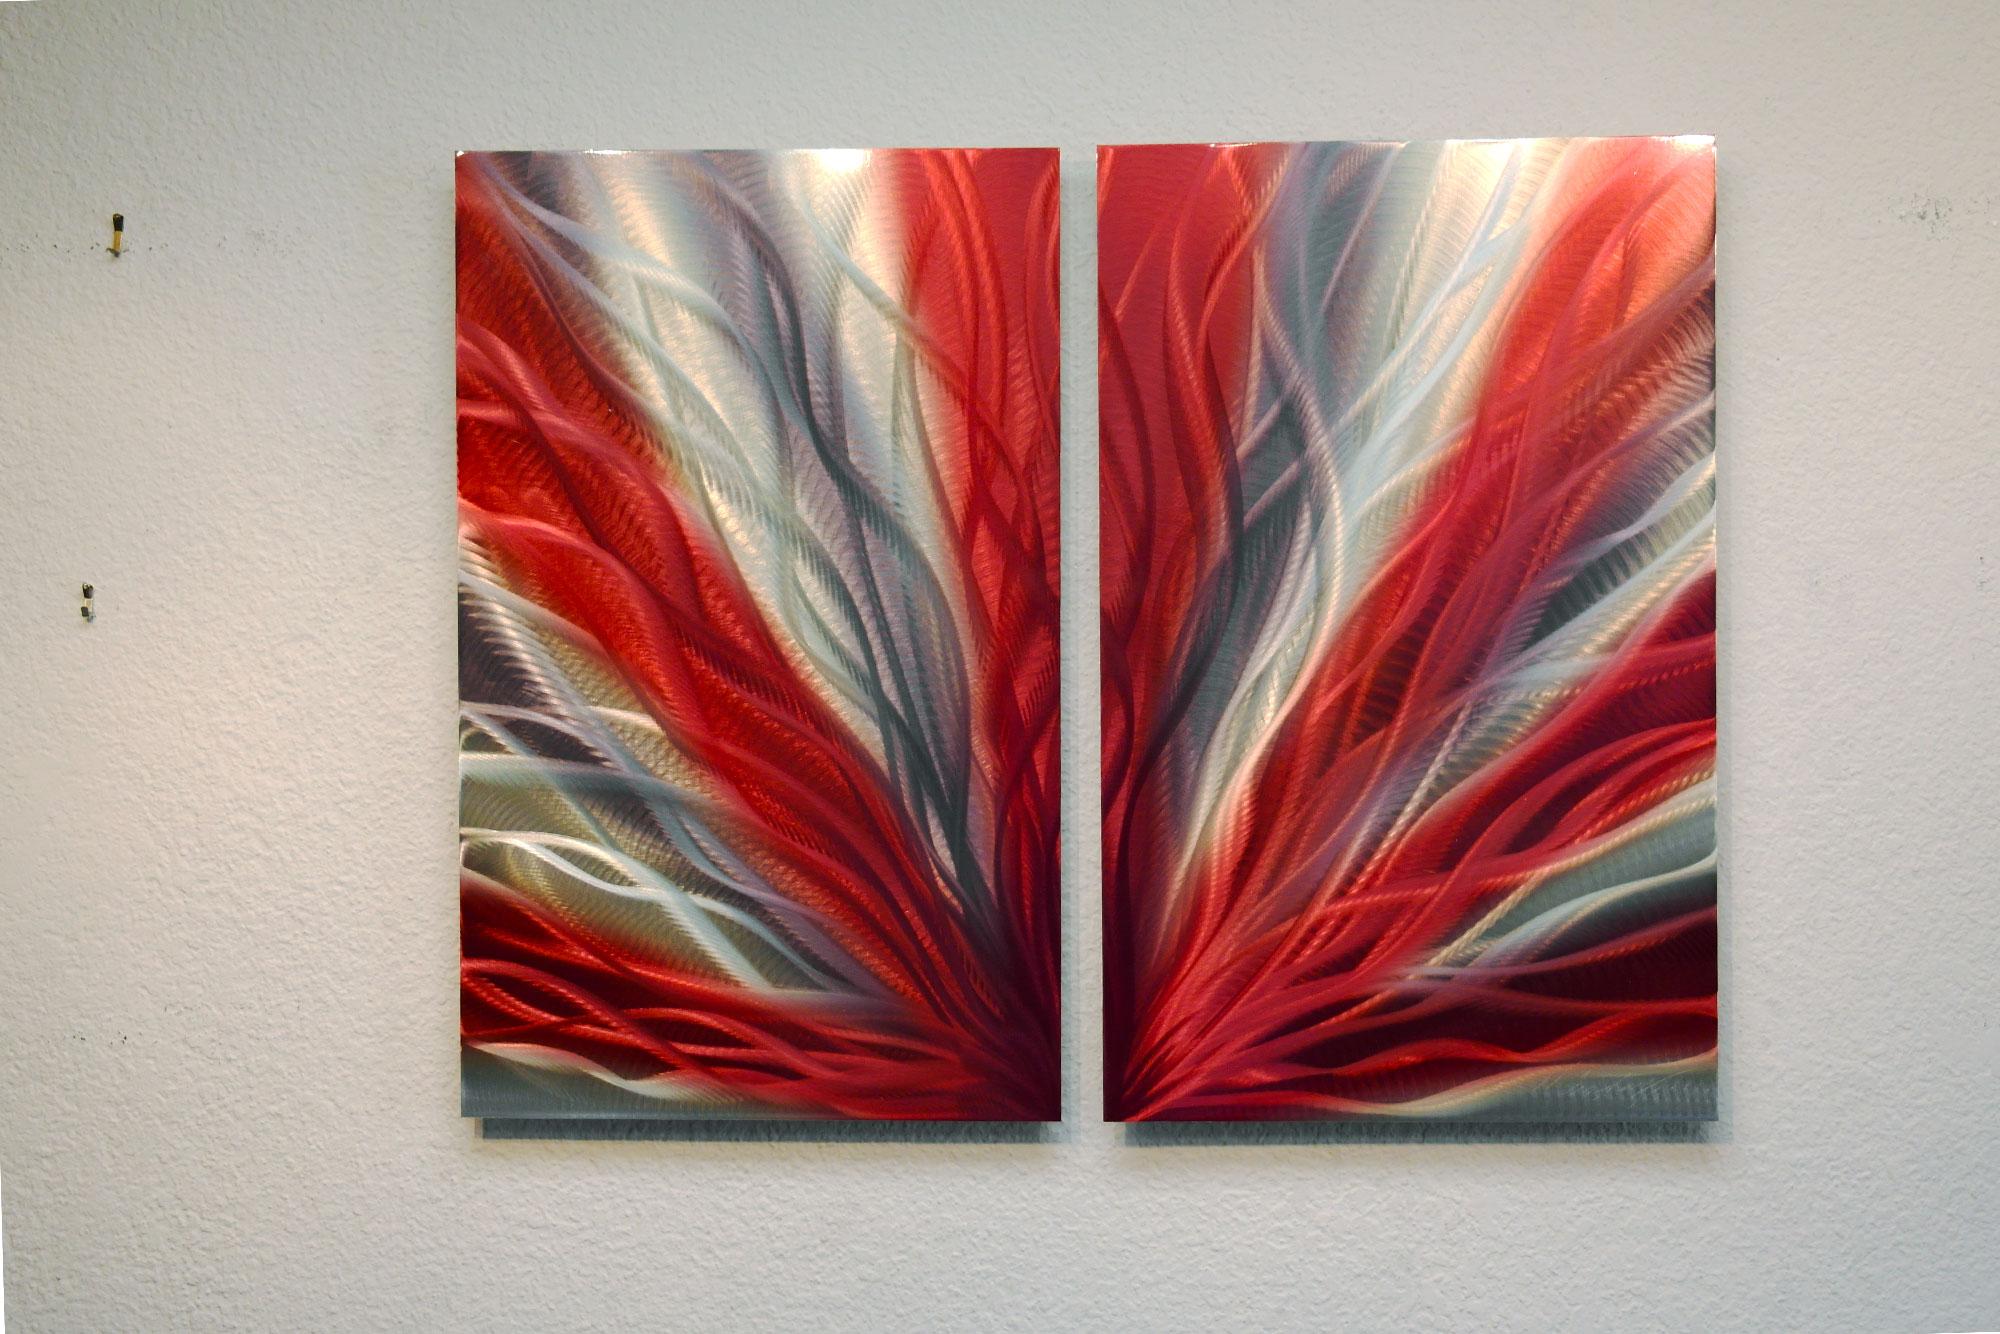 Red Metal Wall Decor: Metal Wall Art Abstract Sculpture Modern